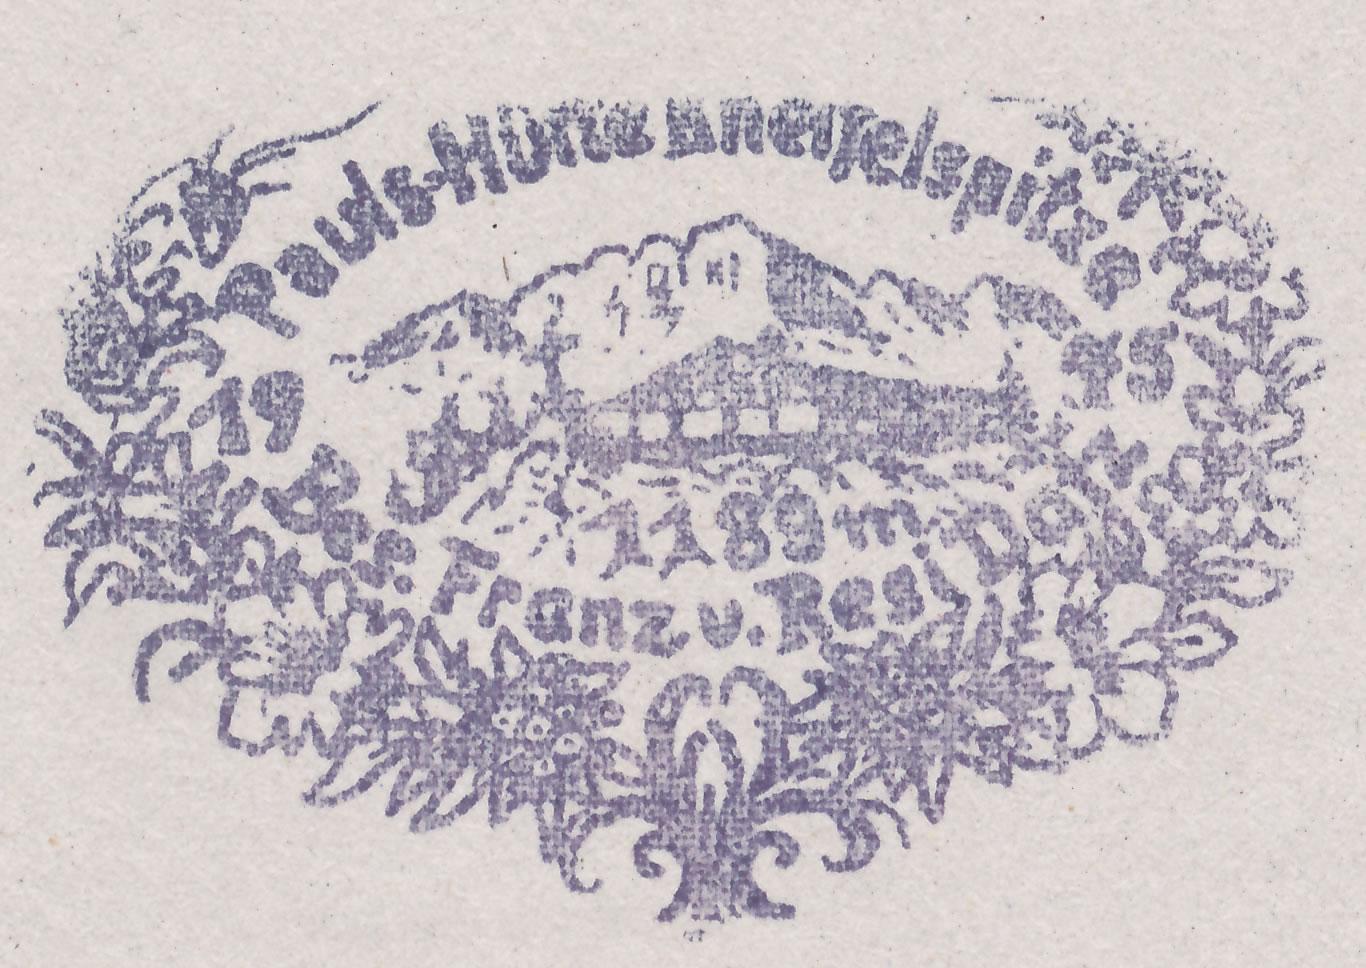 Kneifelspitze 1167m